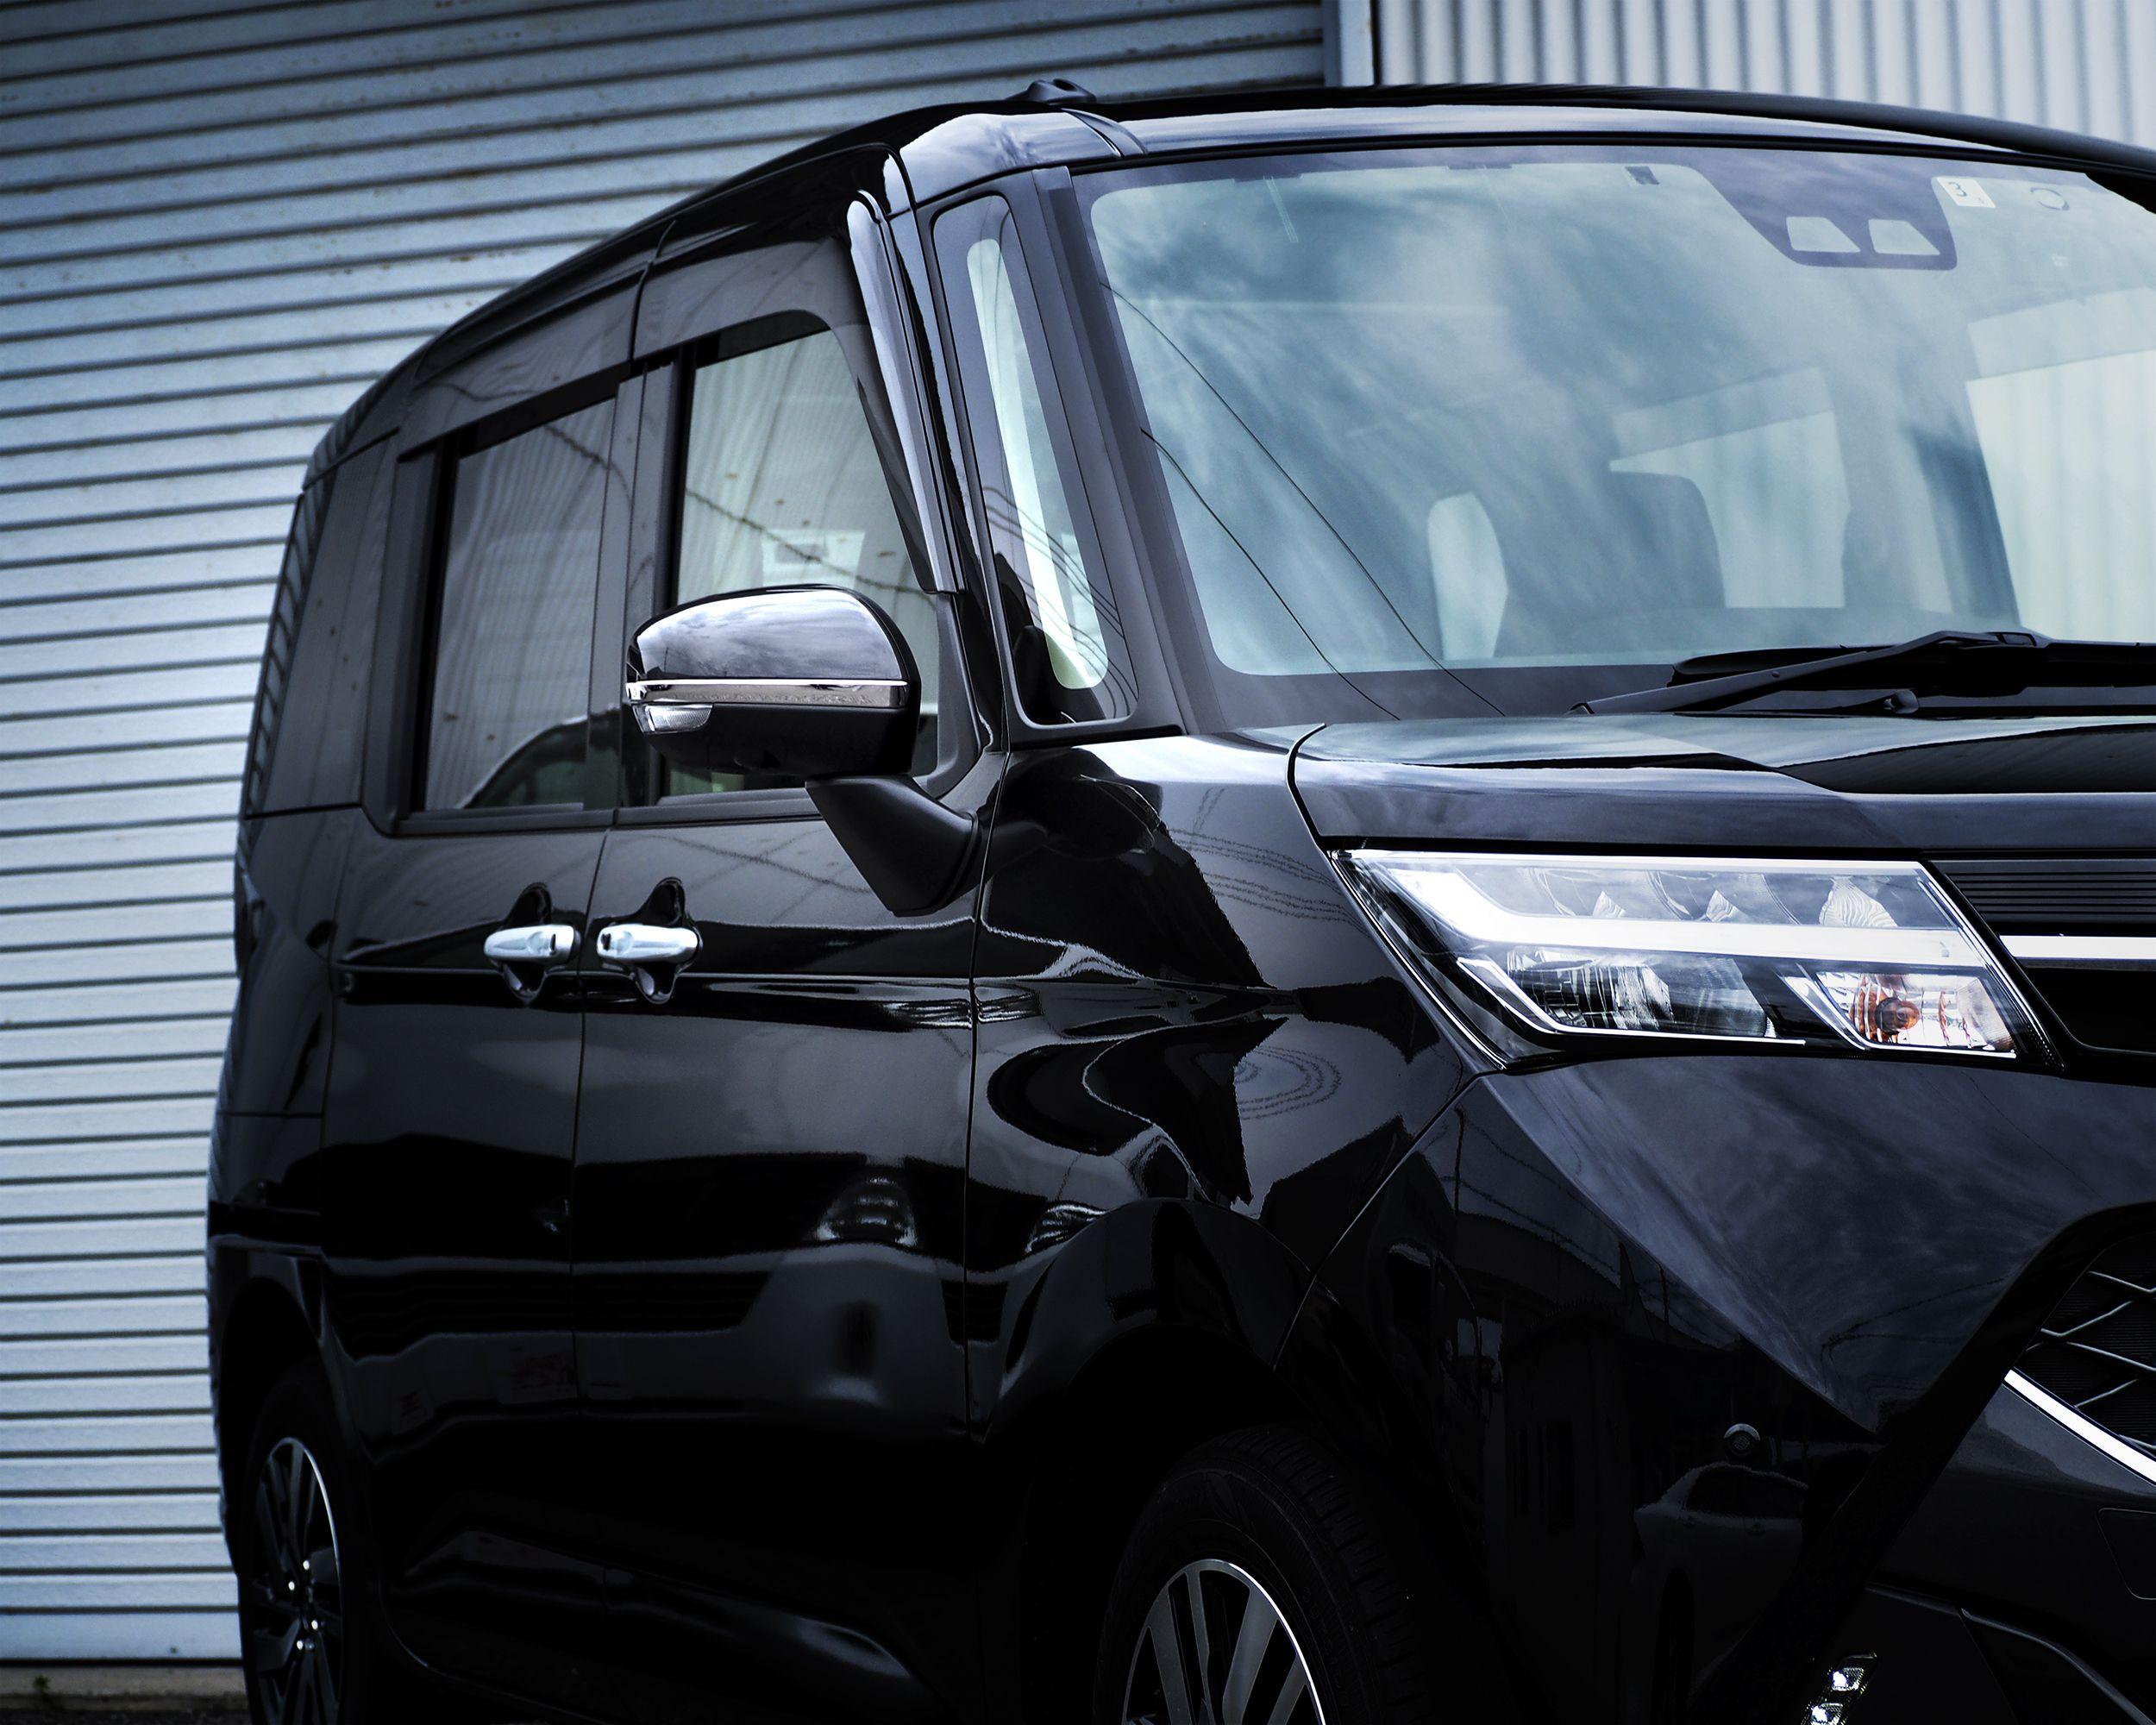 ルーミー タンク トール ジャスティ サイドミラーガーニッシュ 鏡面仕上げ 2p ルーミー トヨタ スバル トヨタ